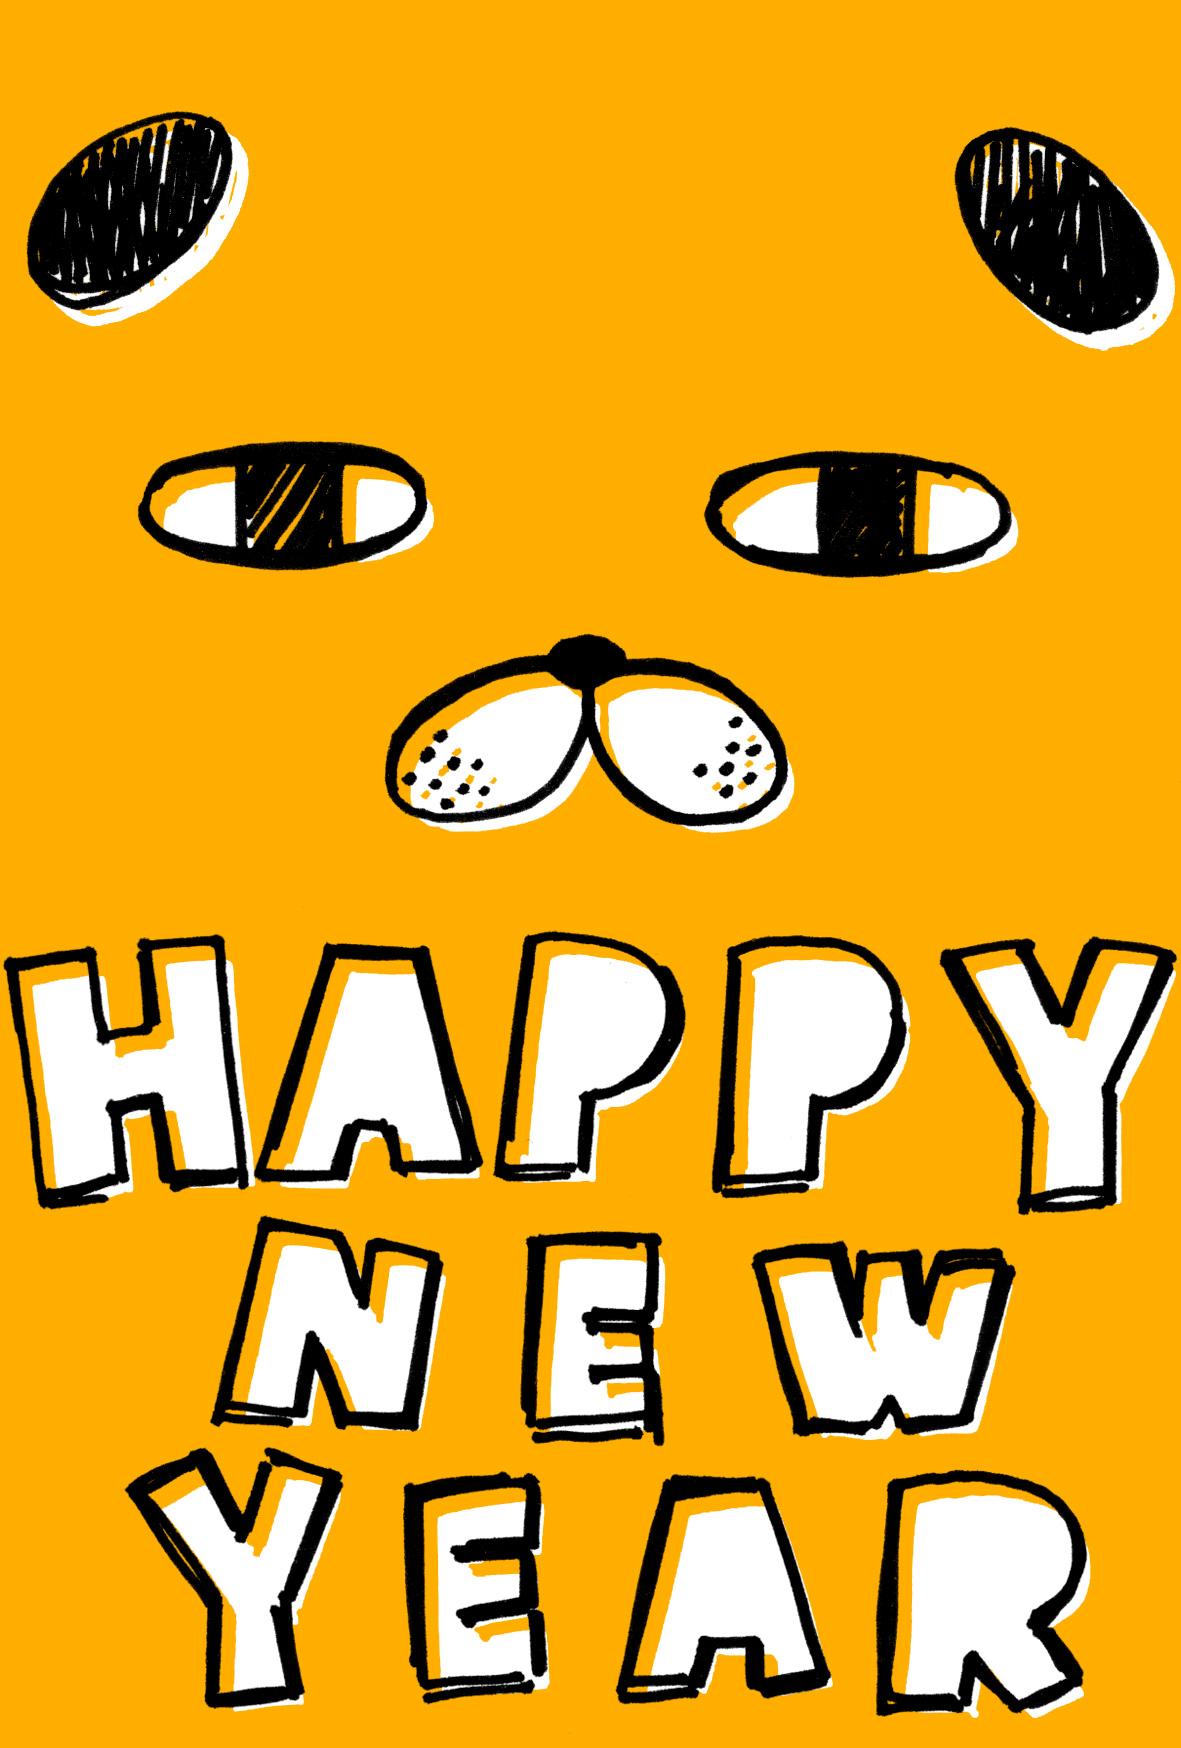 シンプル戌年年賀状イラストフリー素材 ジト目の犬のキャラクター